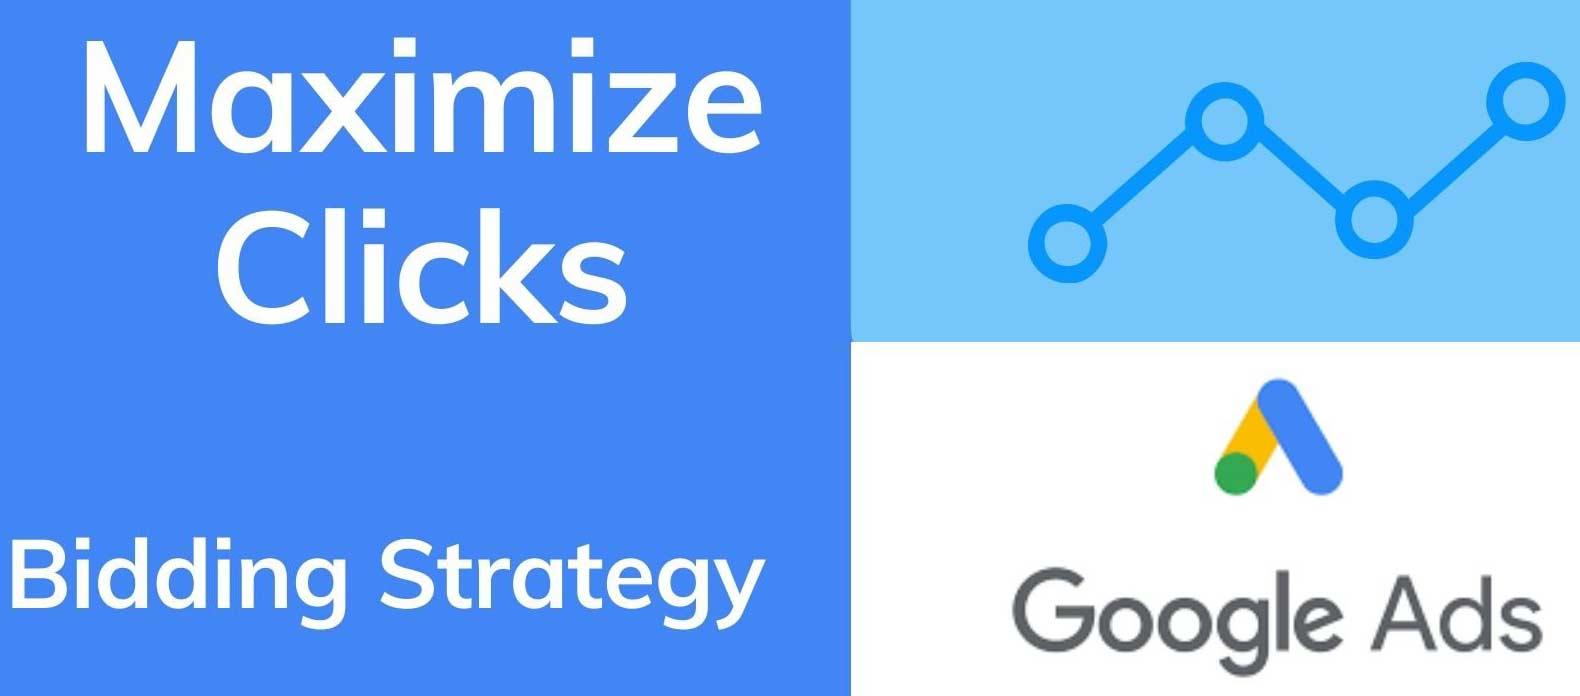 استراتژی هزینه گذاری گوگل ادز بر اساس حداکثر تعداد کلیک